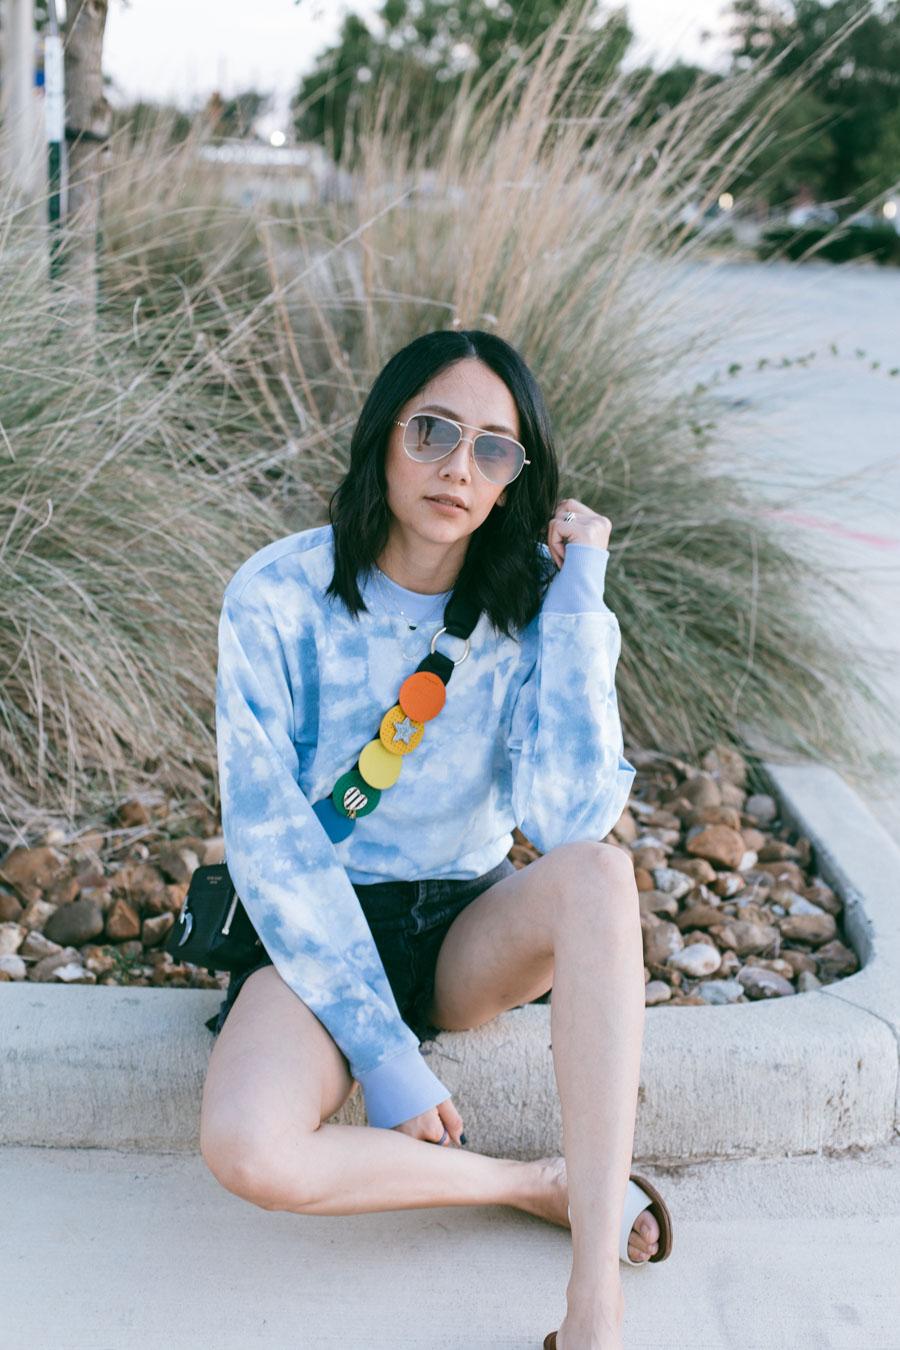 Target tie-dye sweatshirt + Being mom first